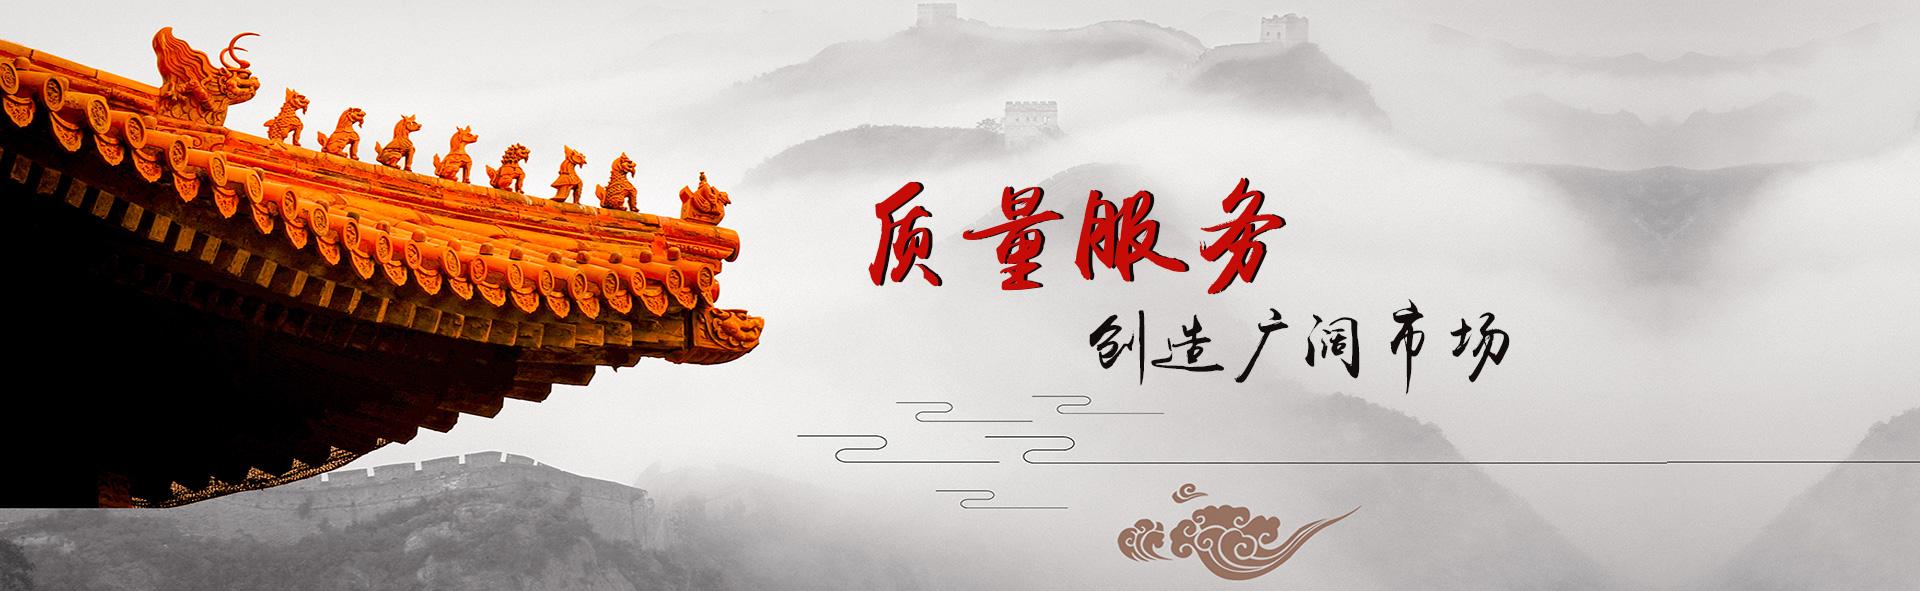 隆昌青石雕刻